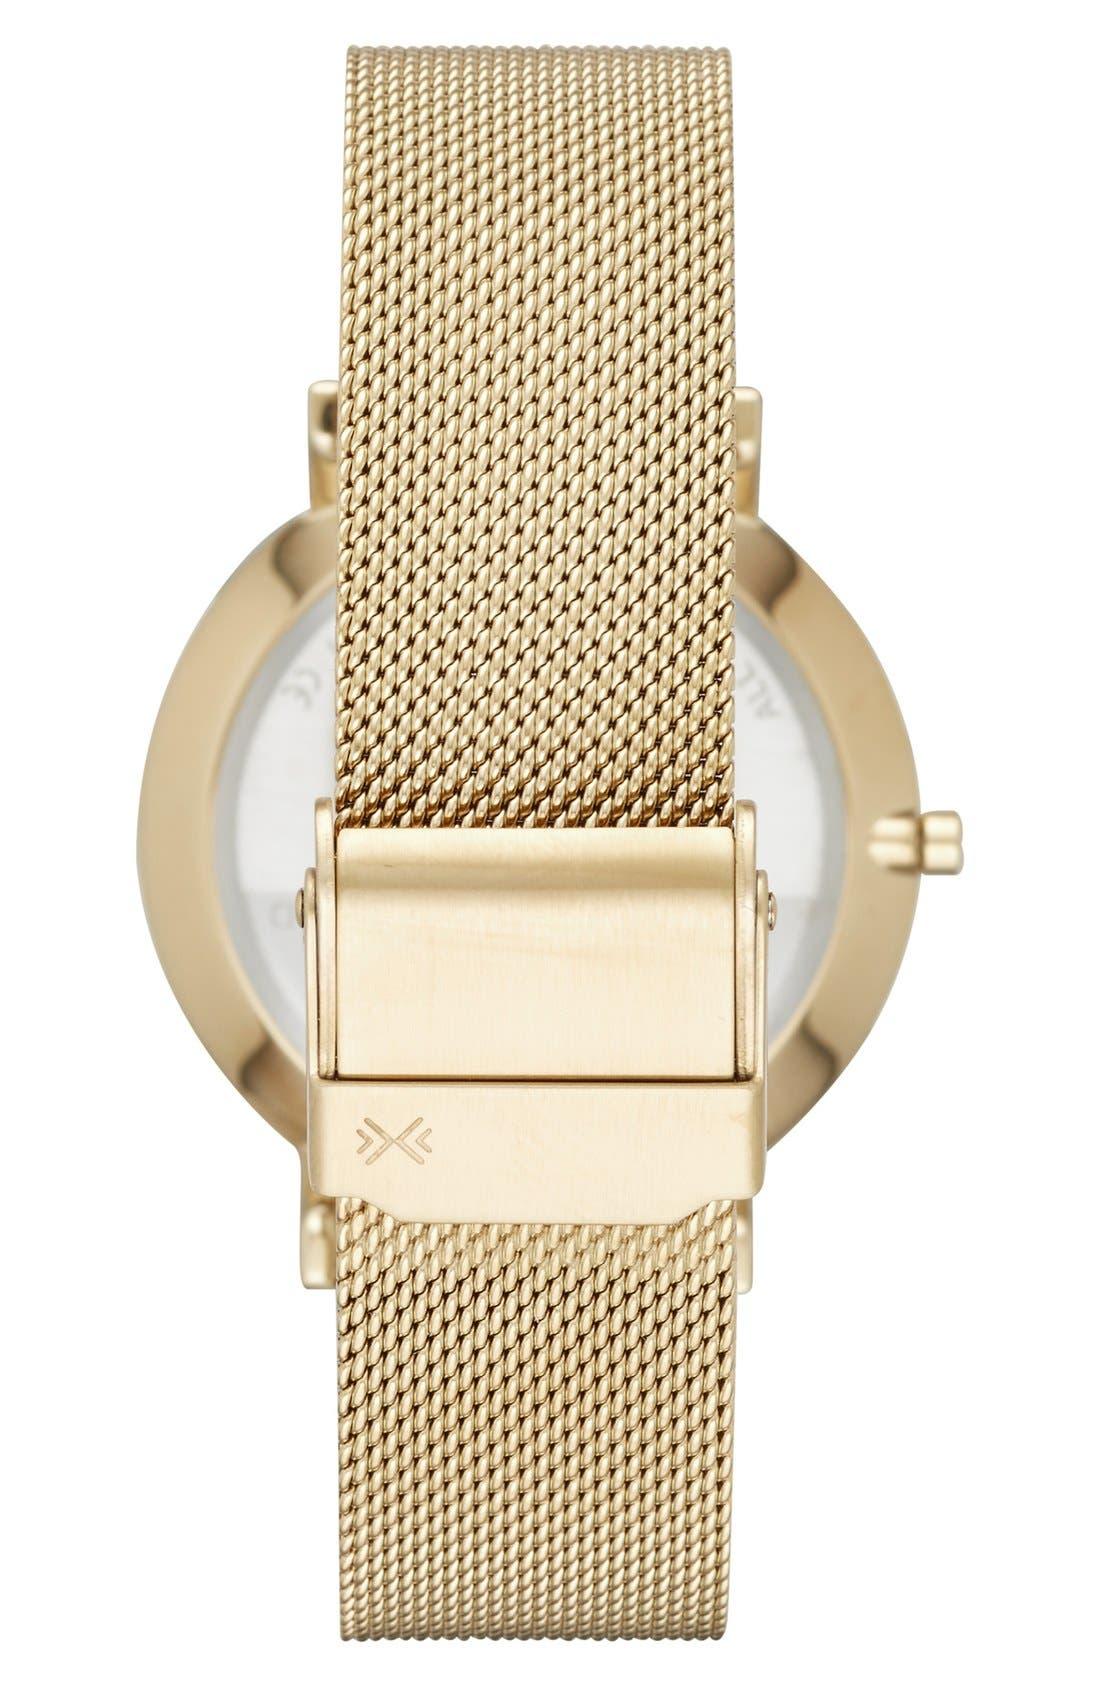 SKAGEN, 'Hald' Round Mesh Strap Watch, 34mm, Alternate thumbnail 2, color, 710